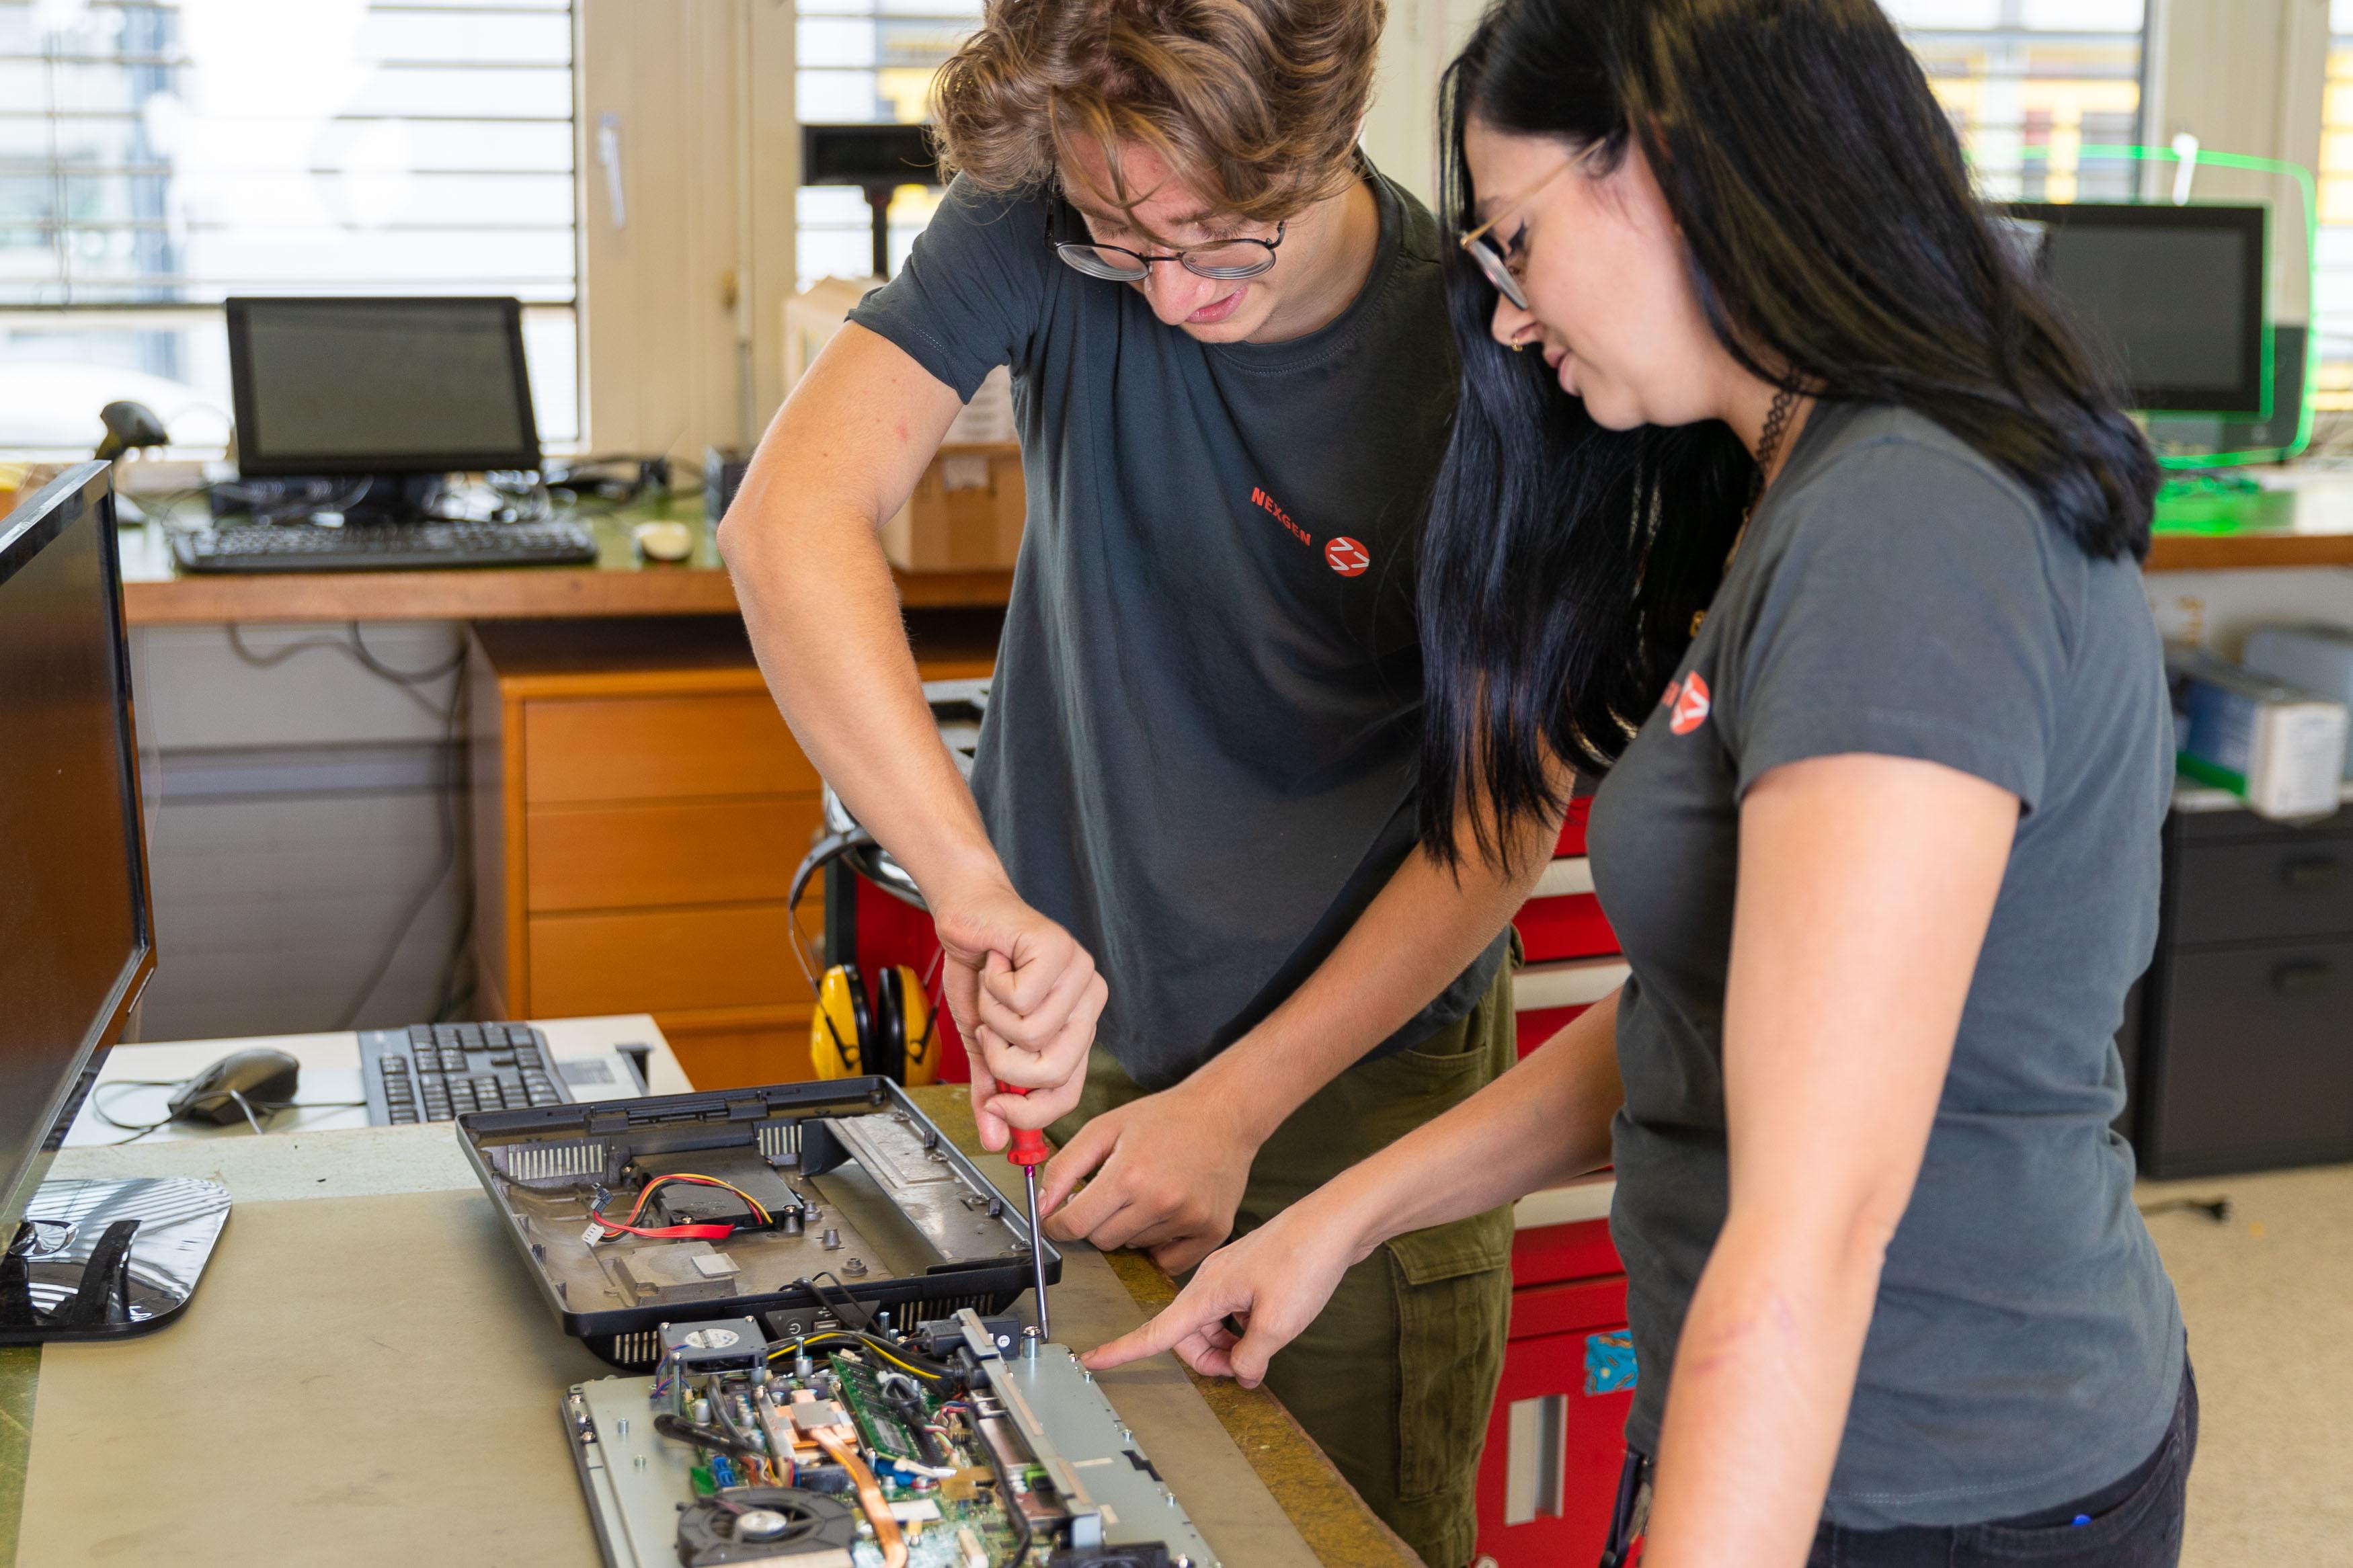 Stelle die Weichen für deine Zukunft mit einer IT-Ausbildung bei Nexgen